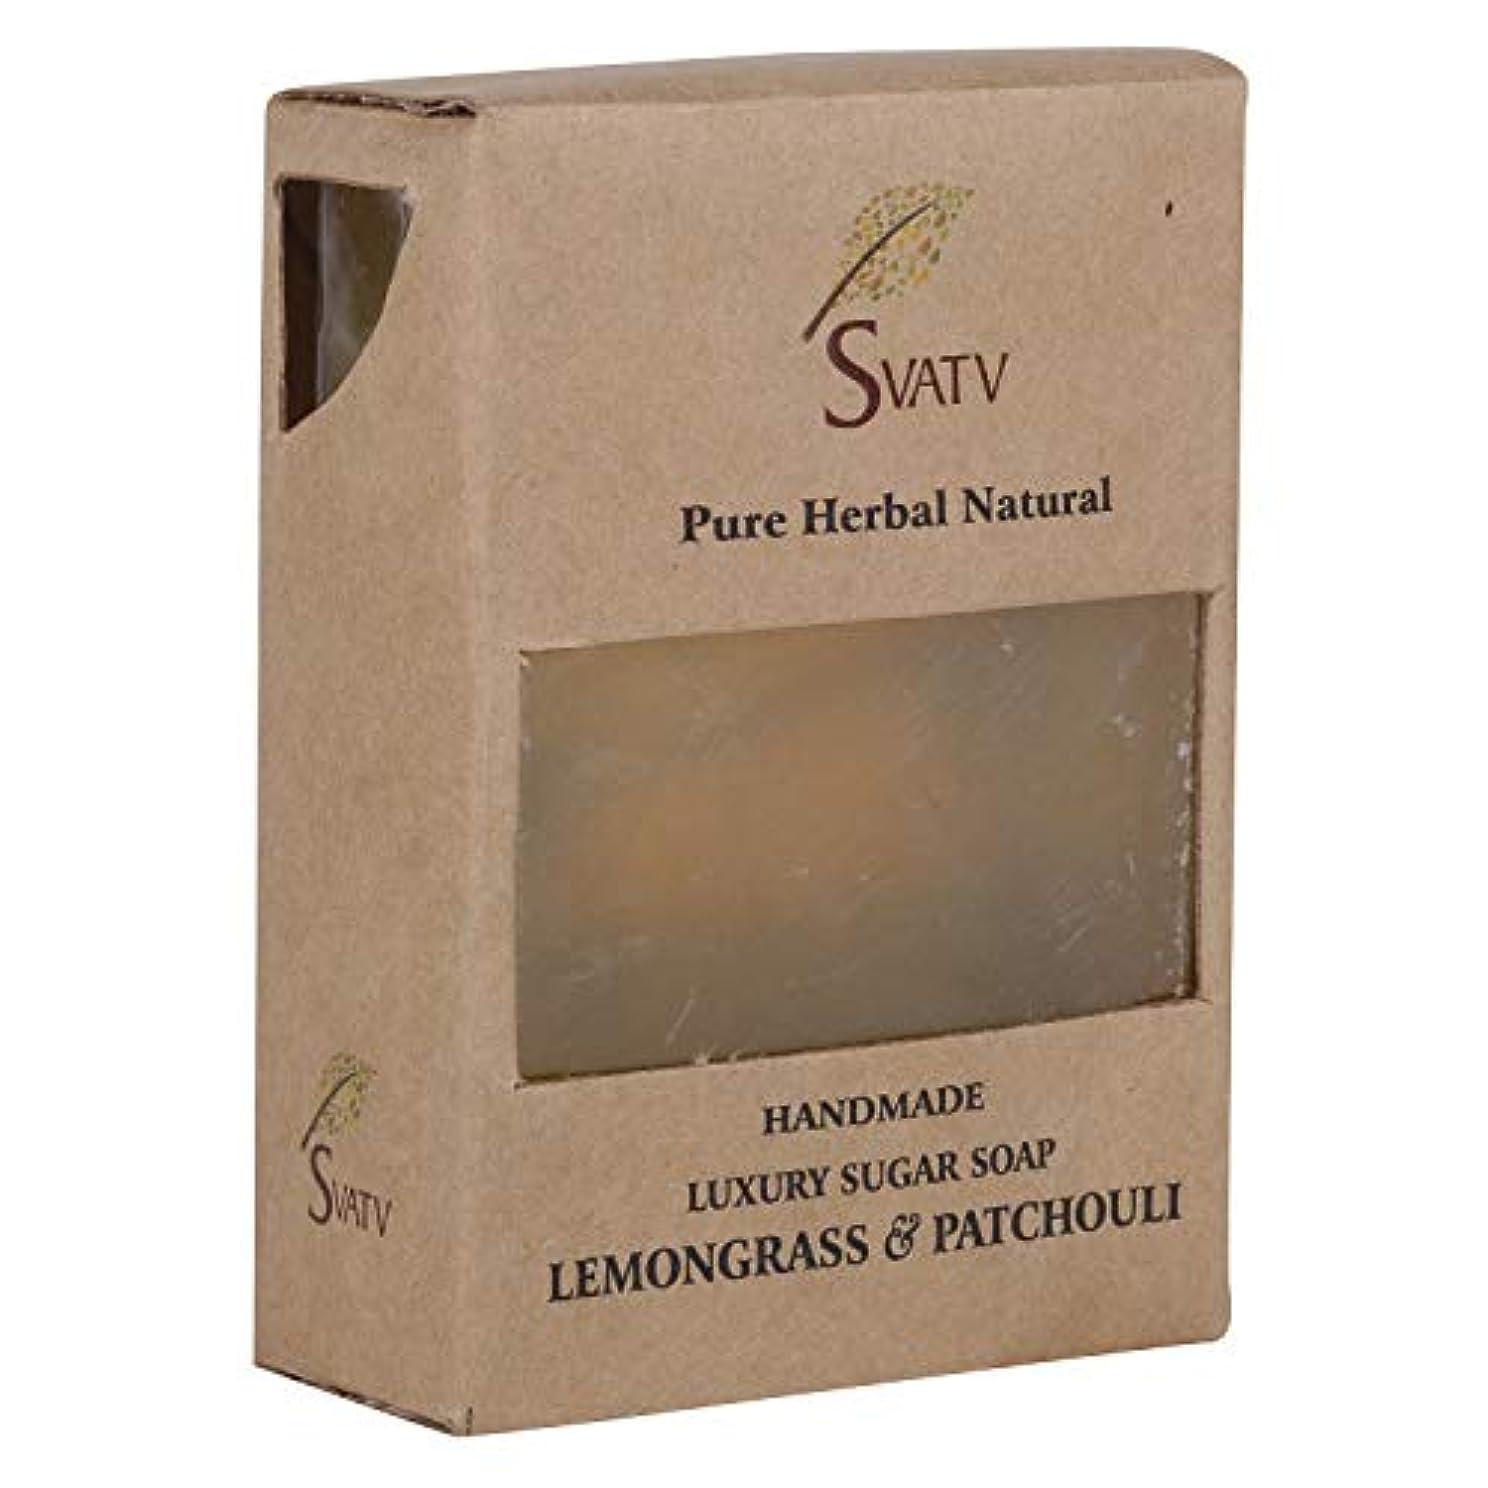 チケットボタン投資SVATV Handmade Luxury Sugar Soap Lemongrass & Patchouli For All Skin types 100g Bar